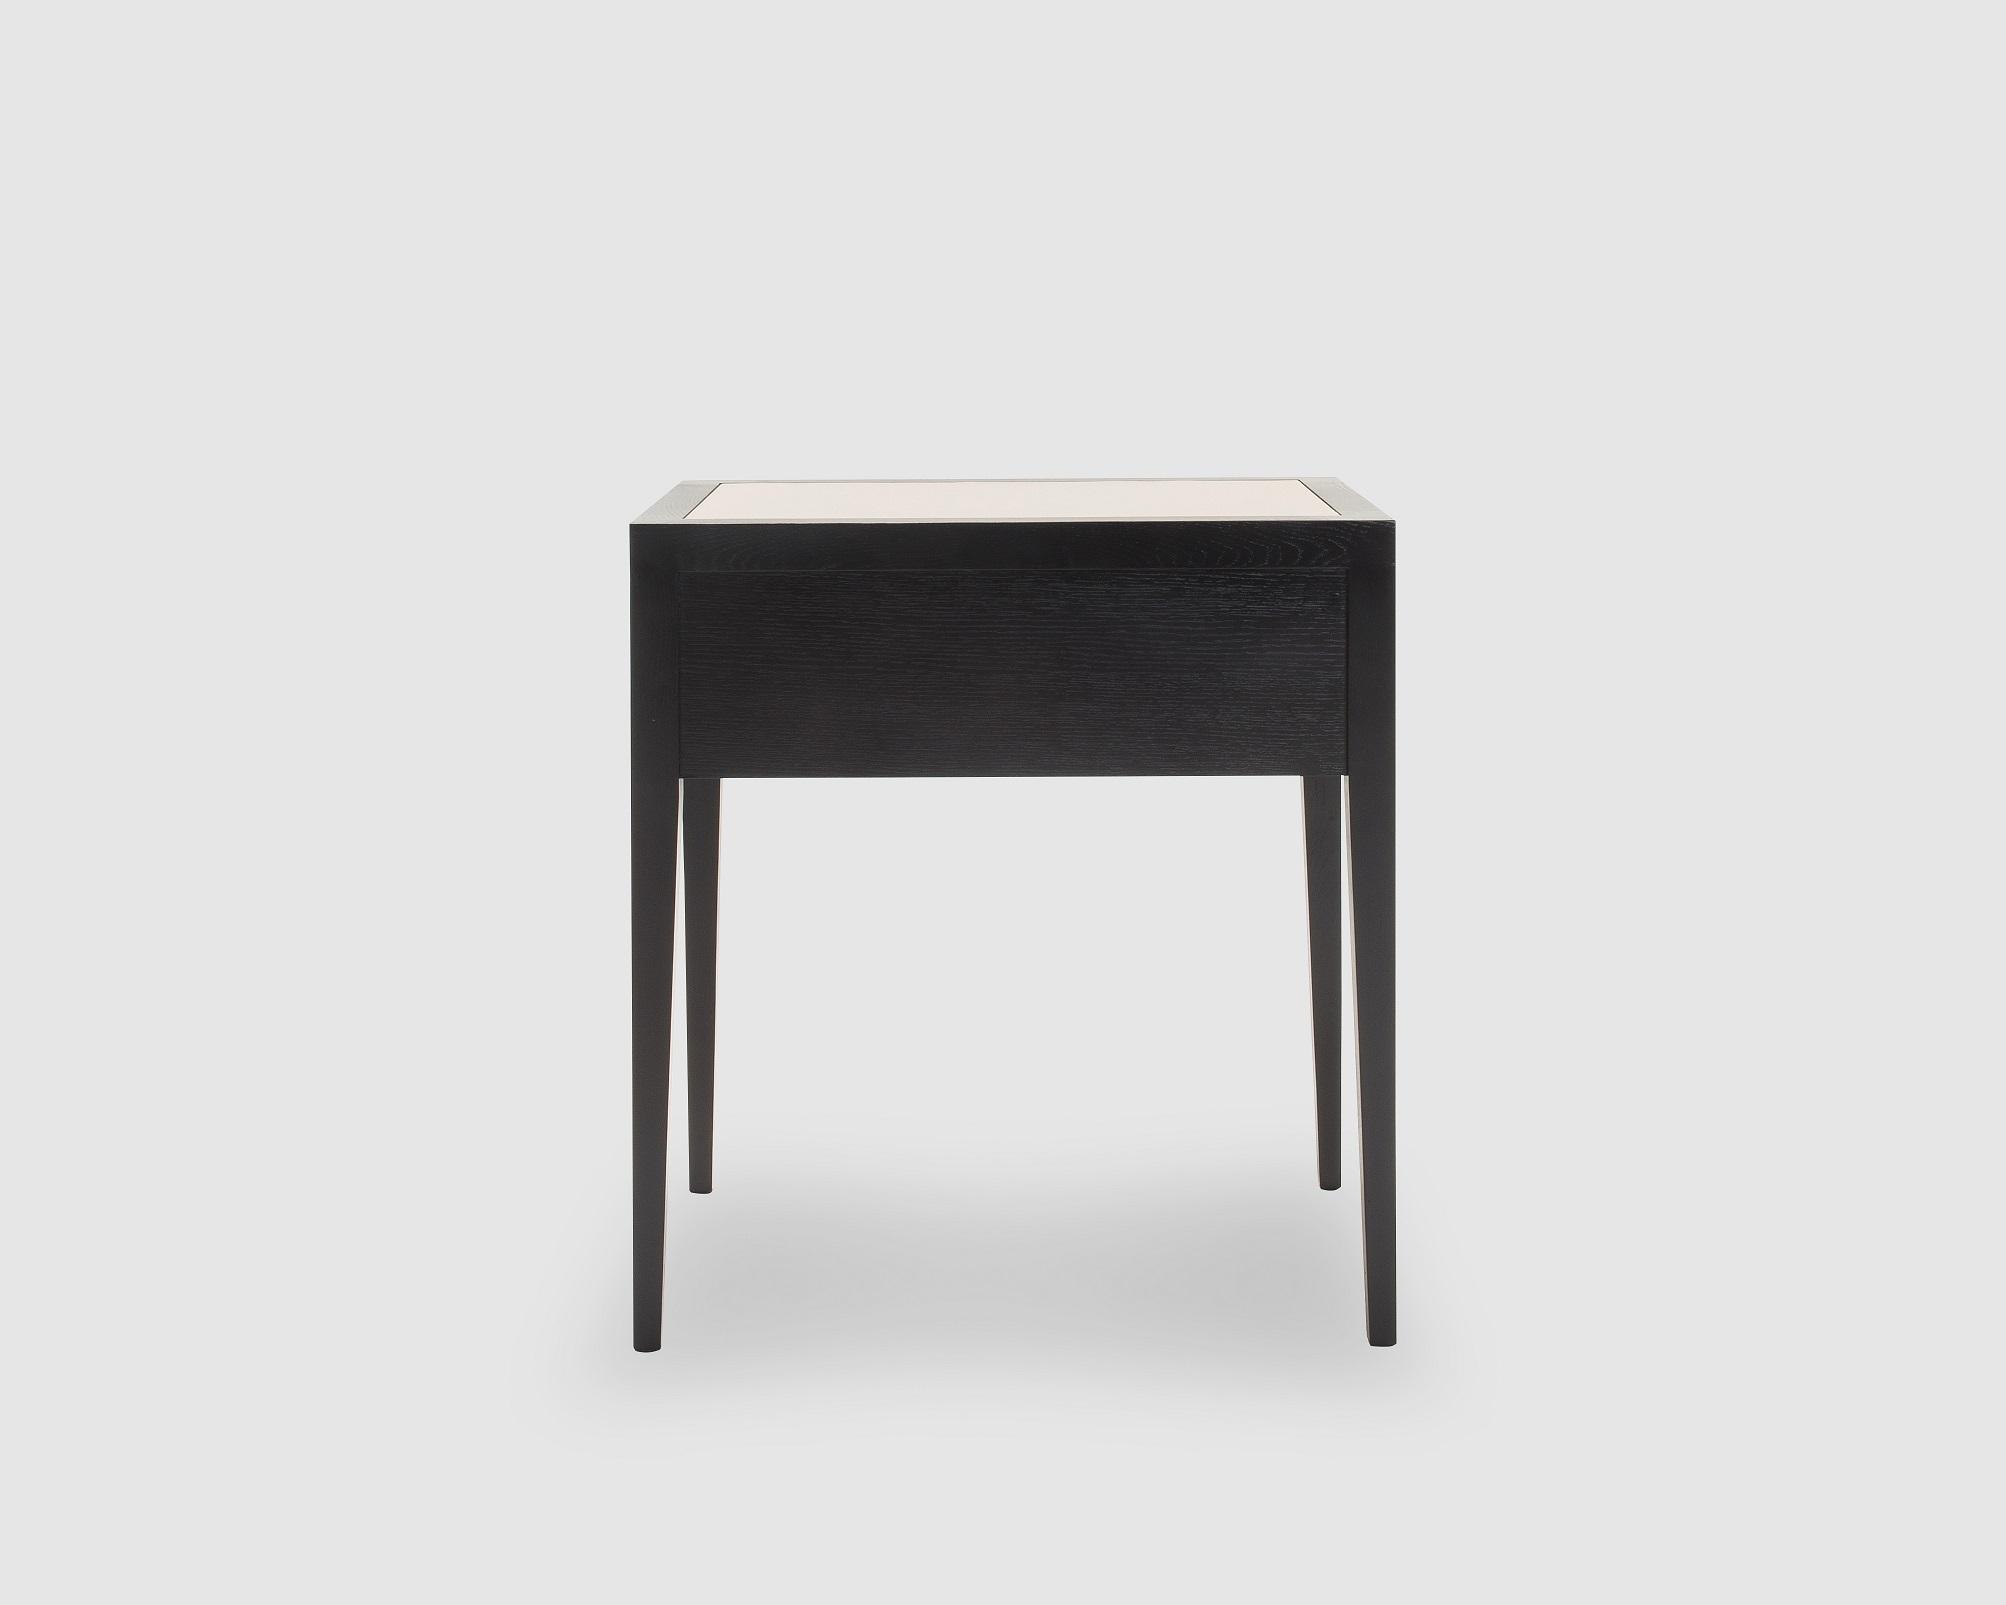 liang-eimil-liza-bedside-table-1